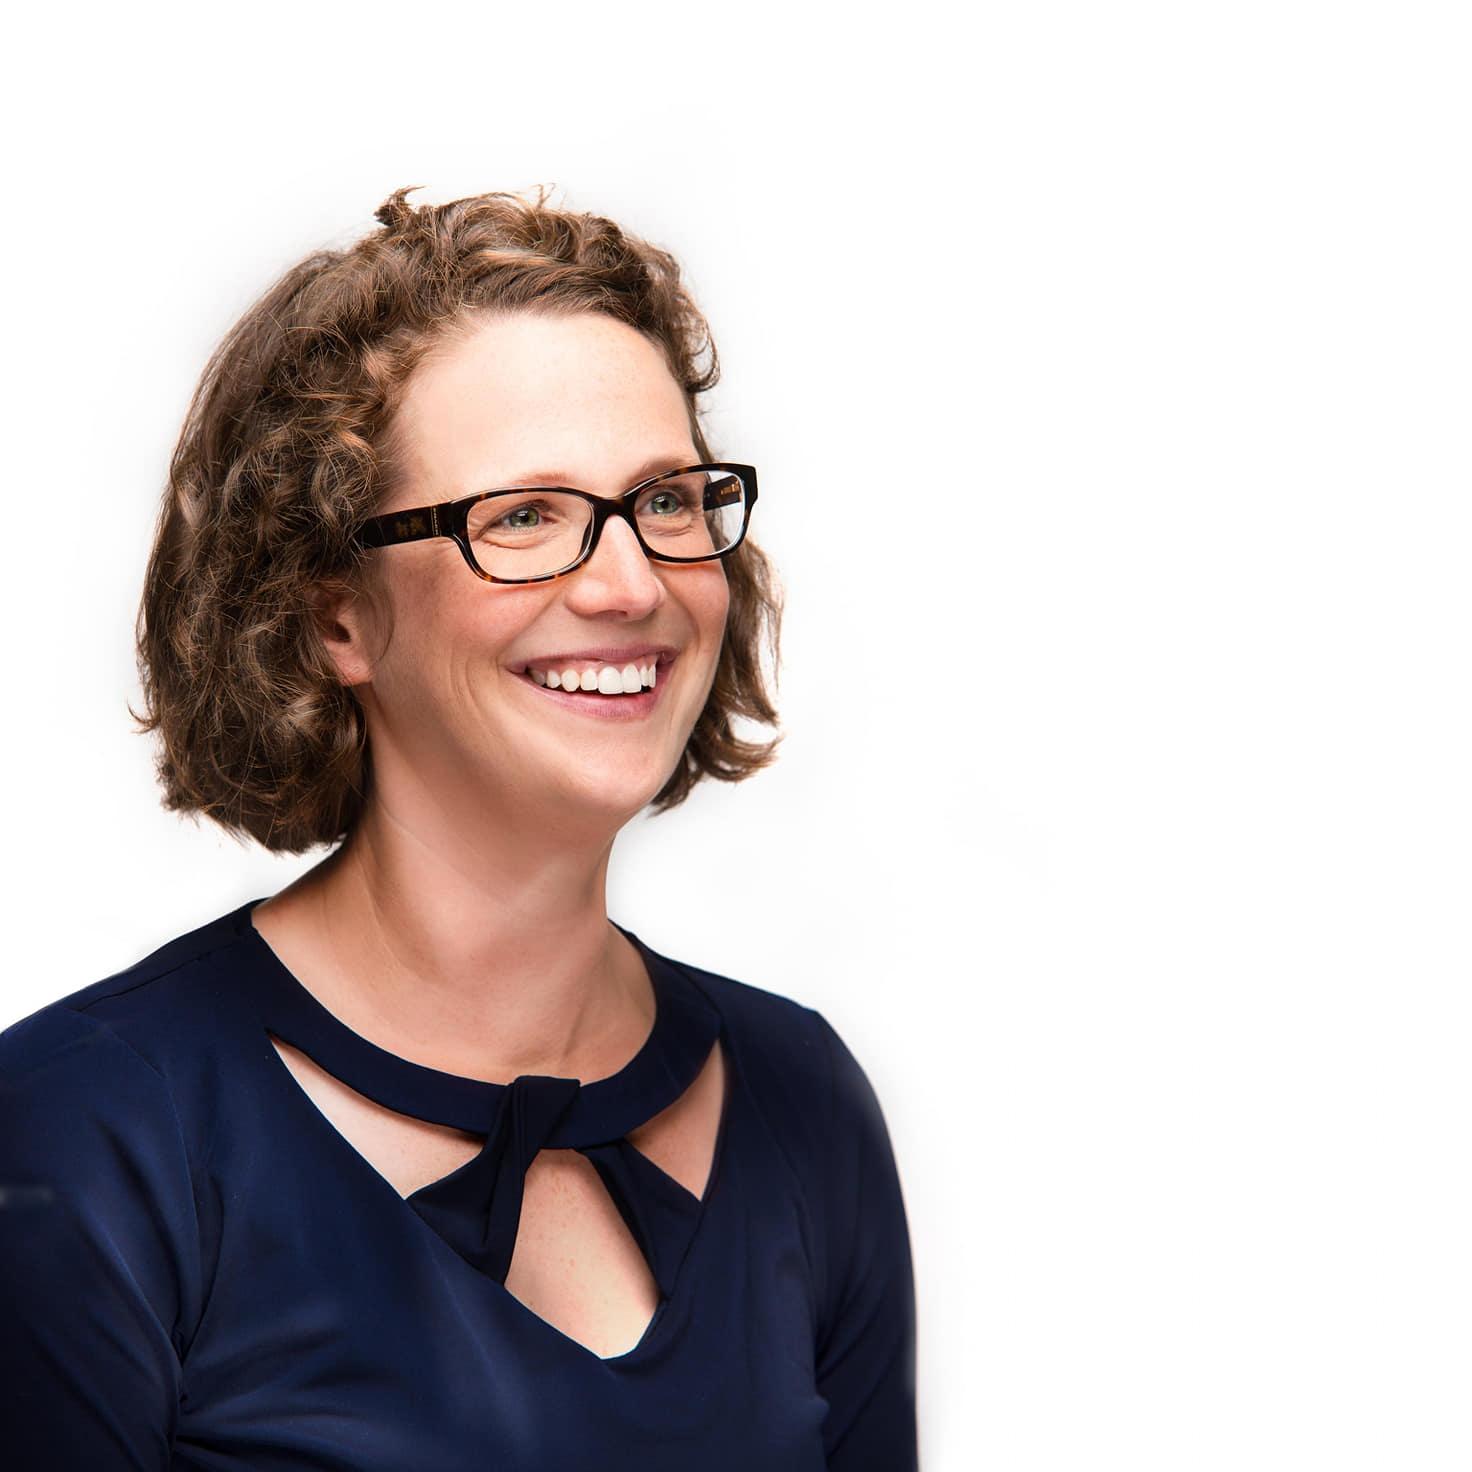 Dr. Lauren Keller, Elemental Chiropractic, Inc.